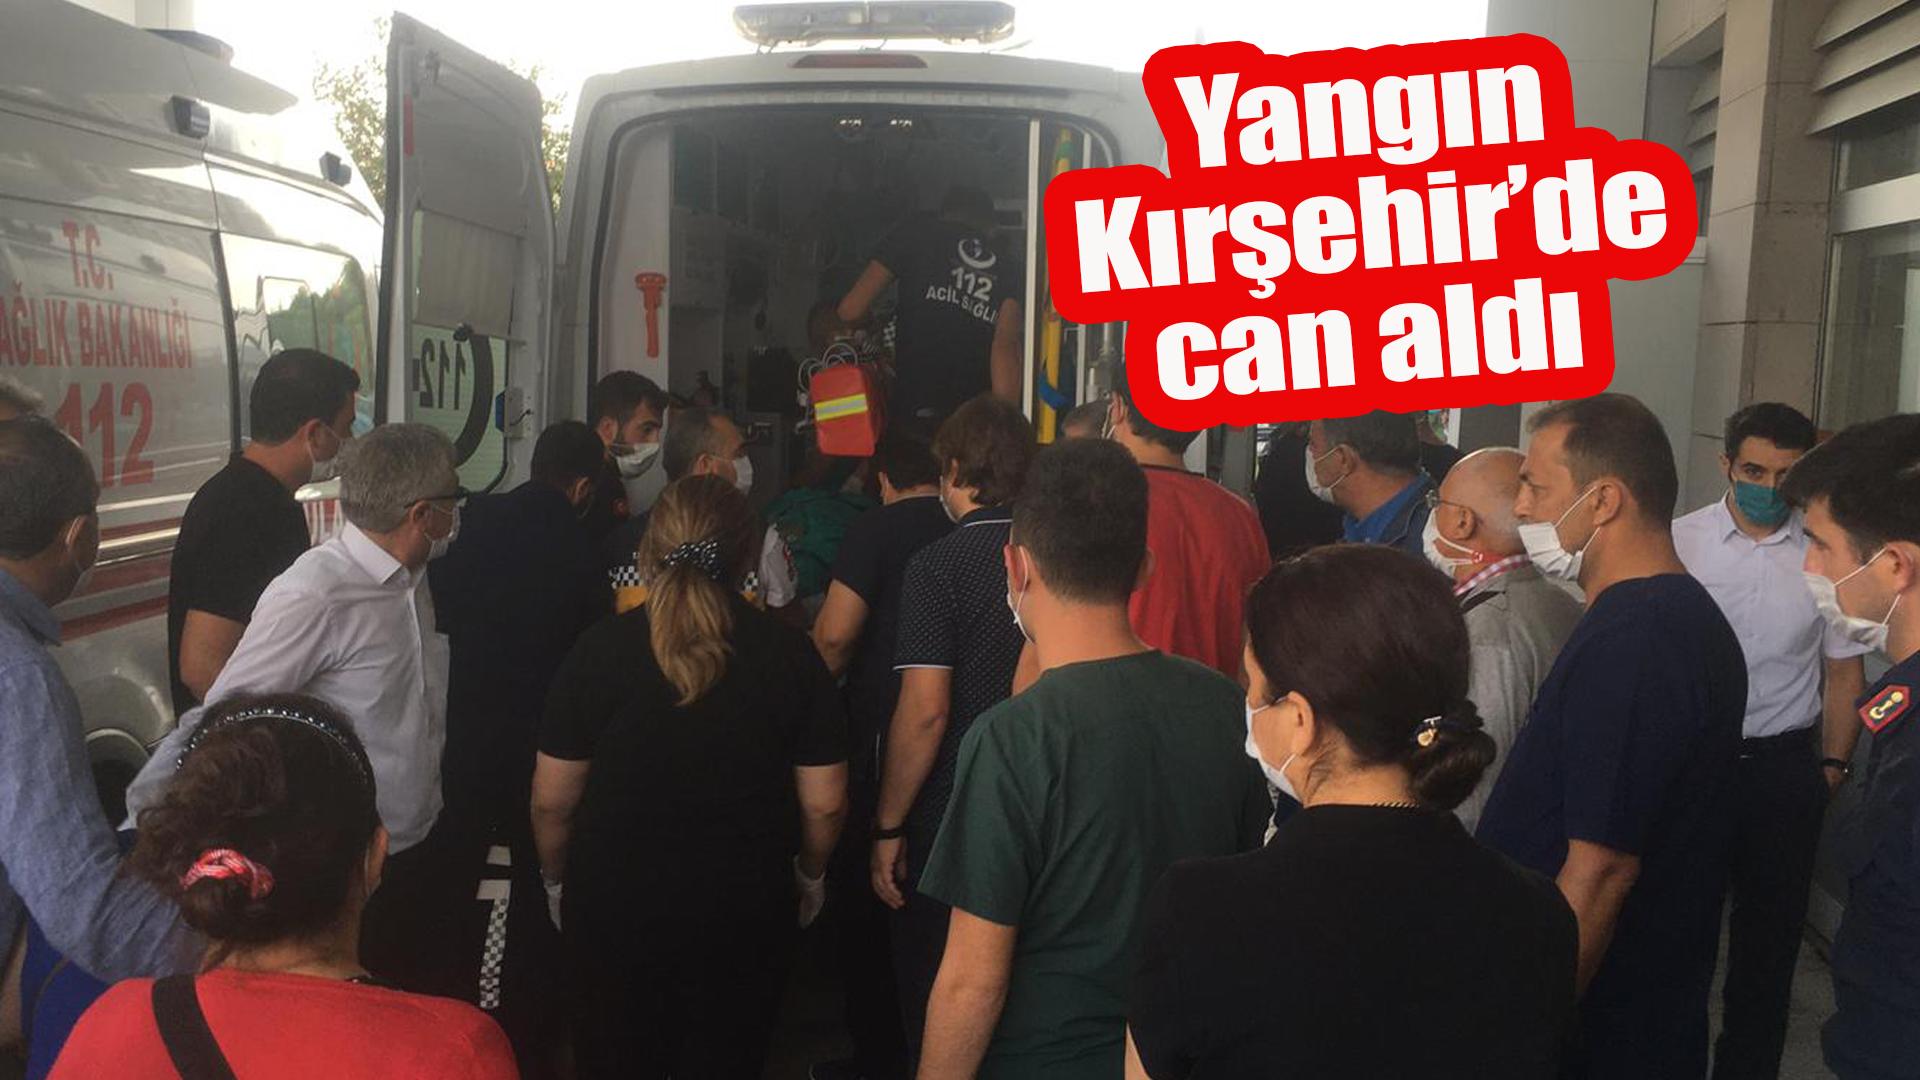 Kırşehir'de yangın can aldı